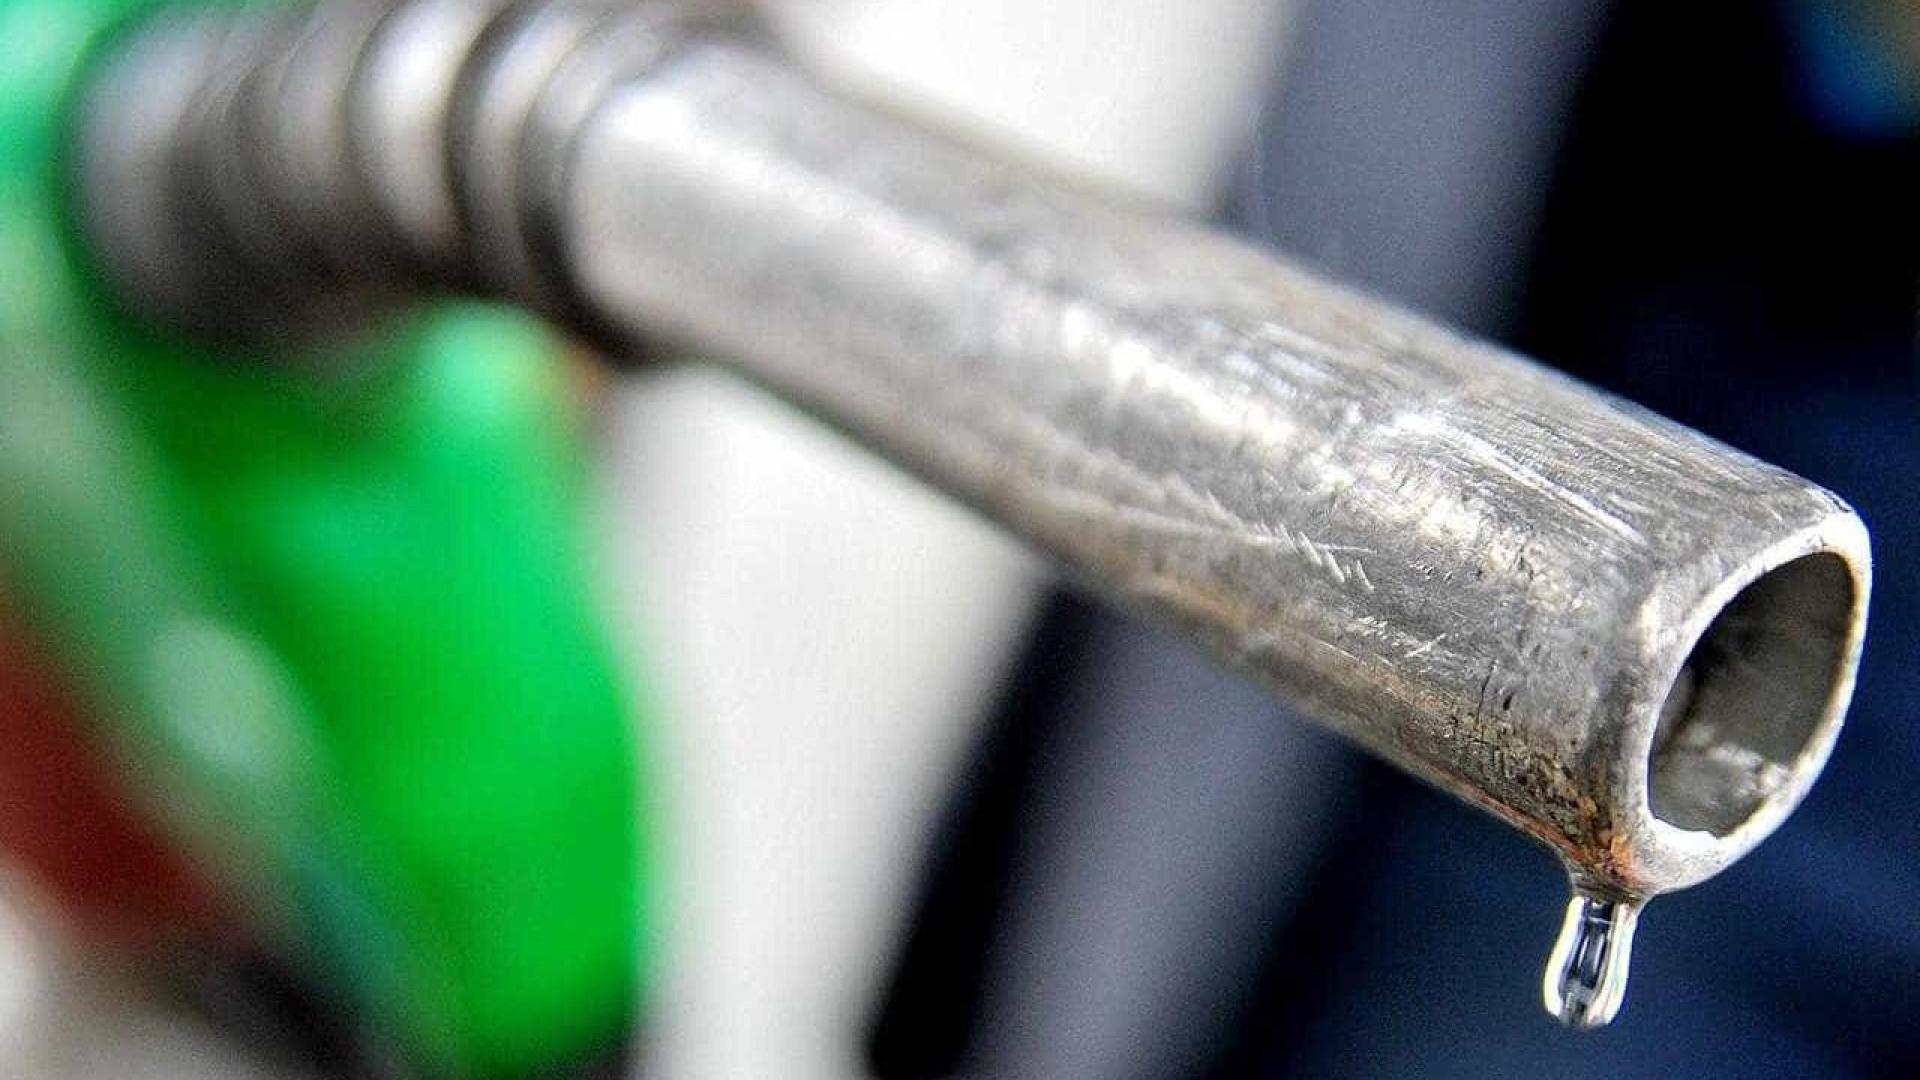 Aumenta preço da gasolina em Sinop, aponta agência de petróleo